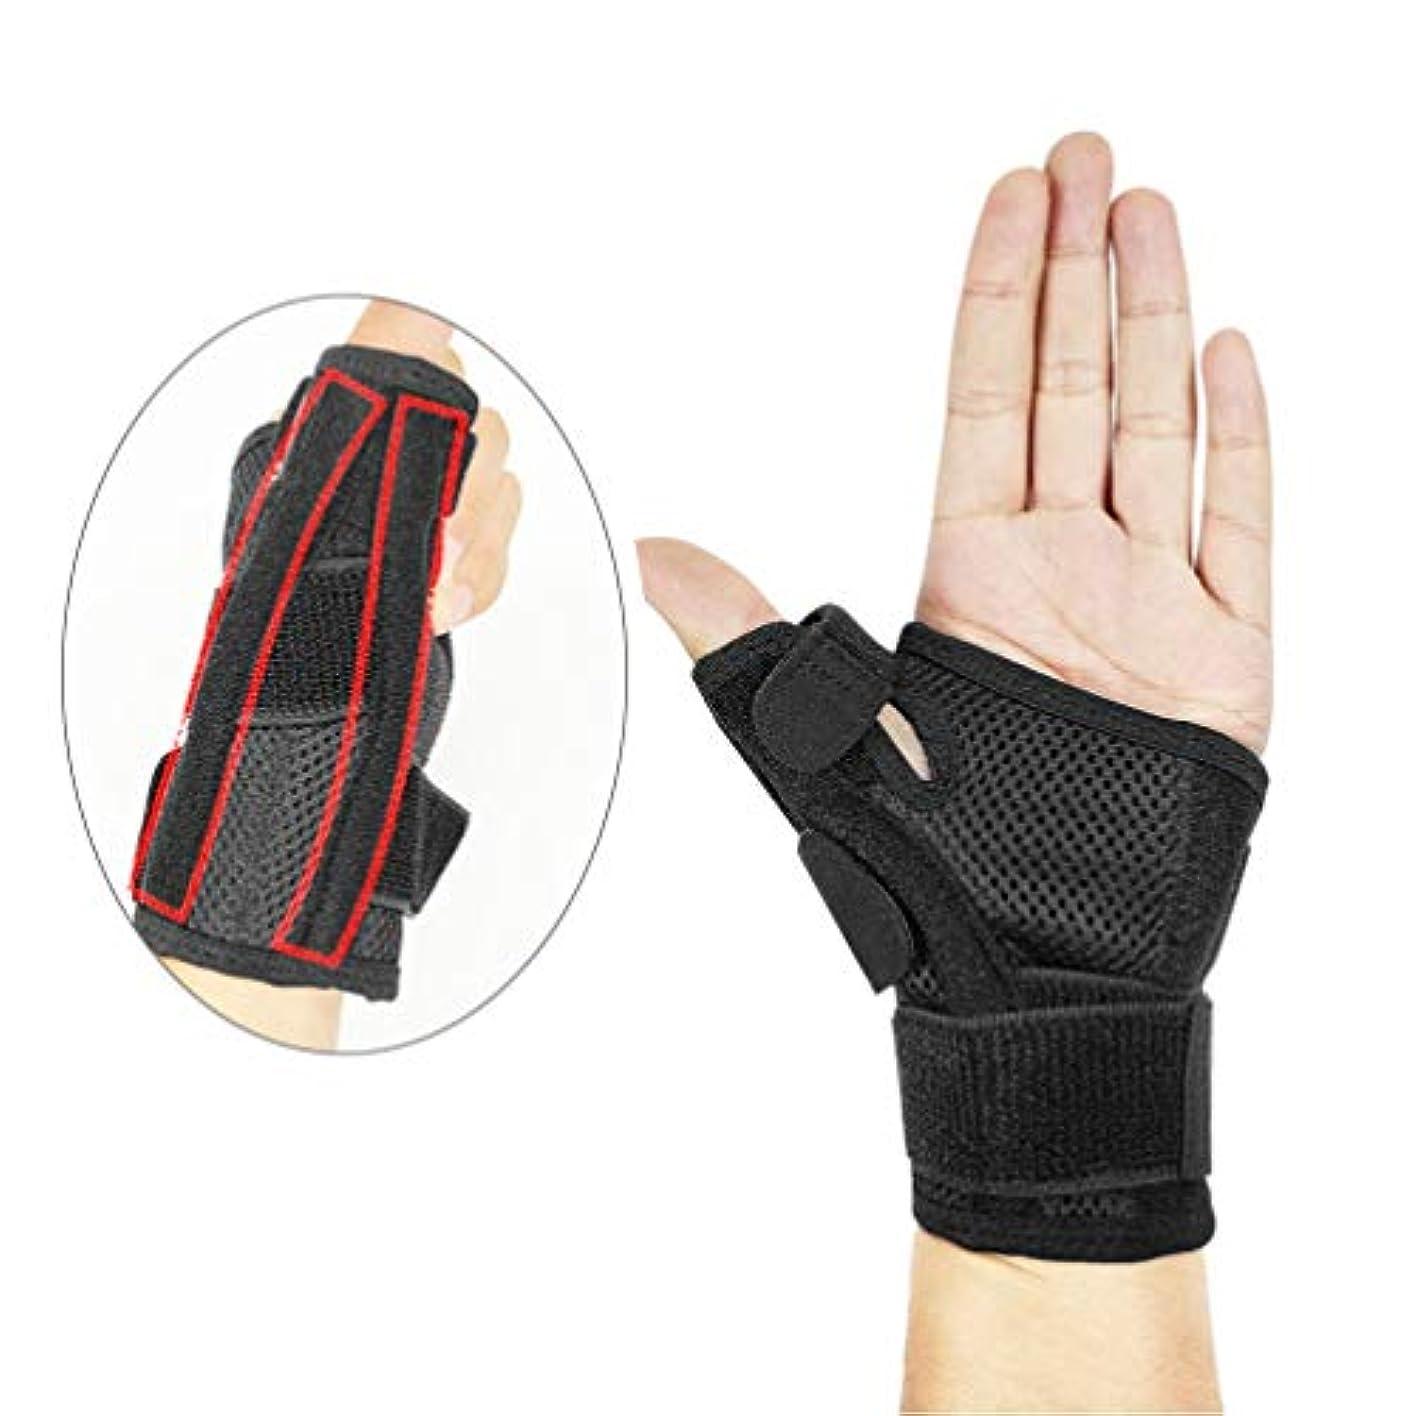 今メタリック半ばHeallily 手首の圧縮手首のトンネルの苦痛救助、関節炎、腱炎のための1つの手首の圧縮の袖の調節可能な手首の支柱の保護装置